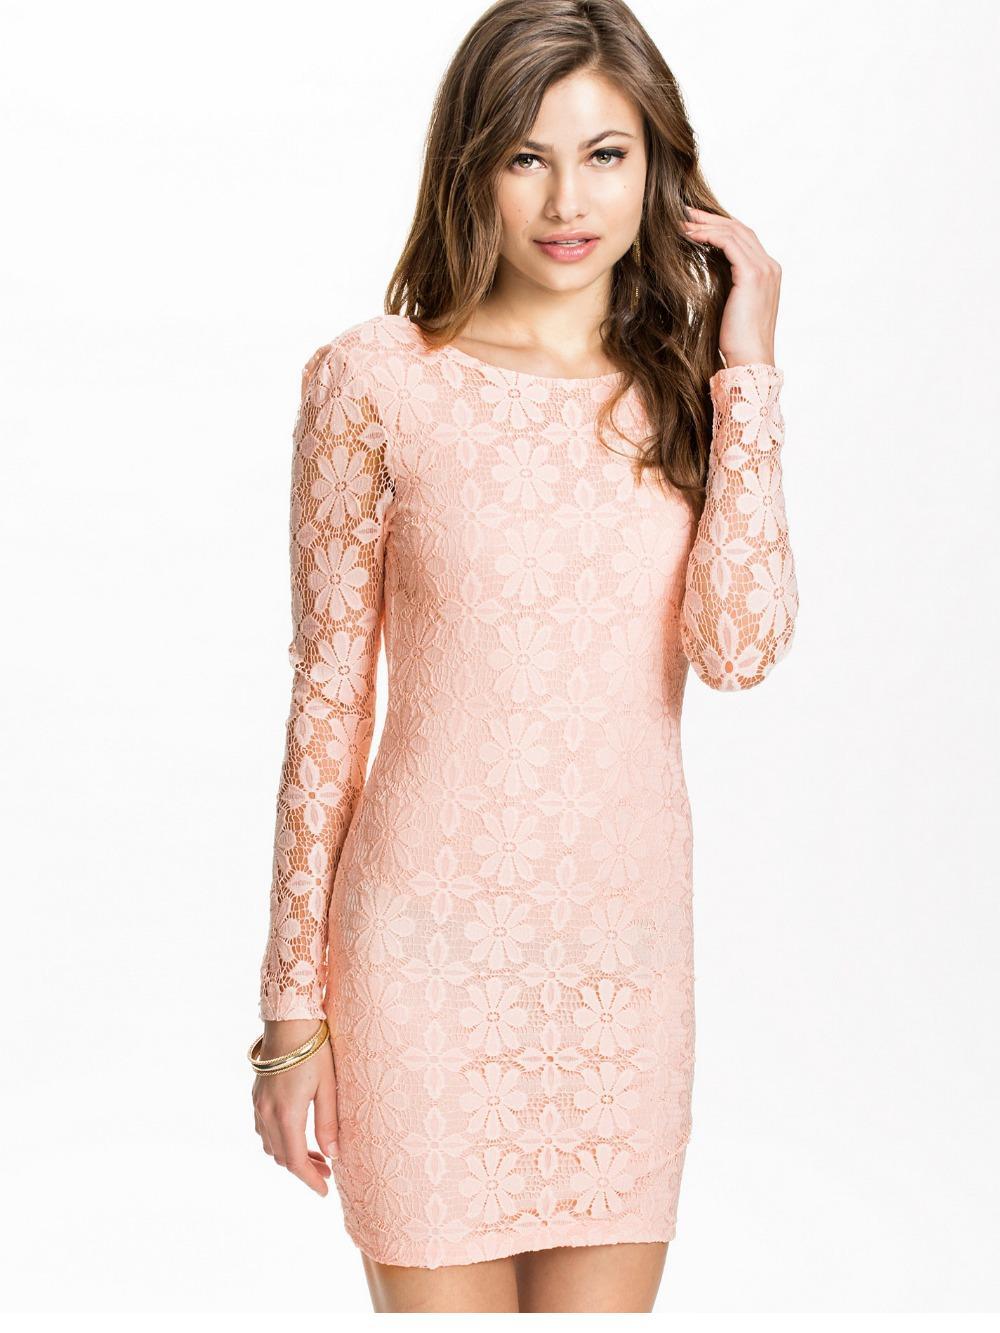 b83af244884 Light Pink Lace Dress